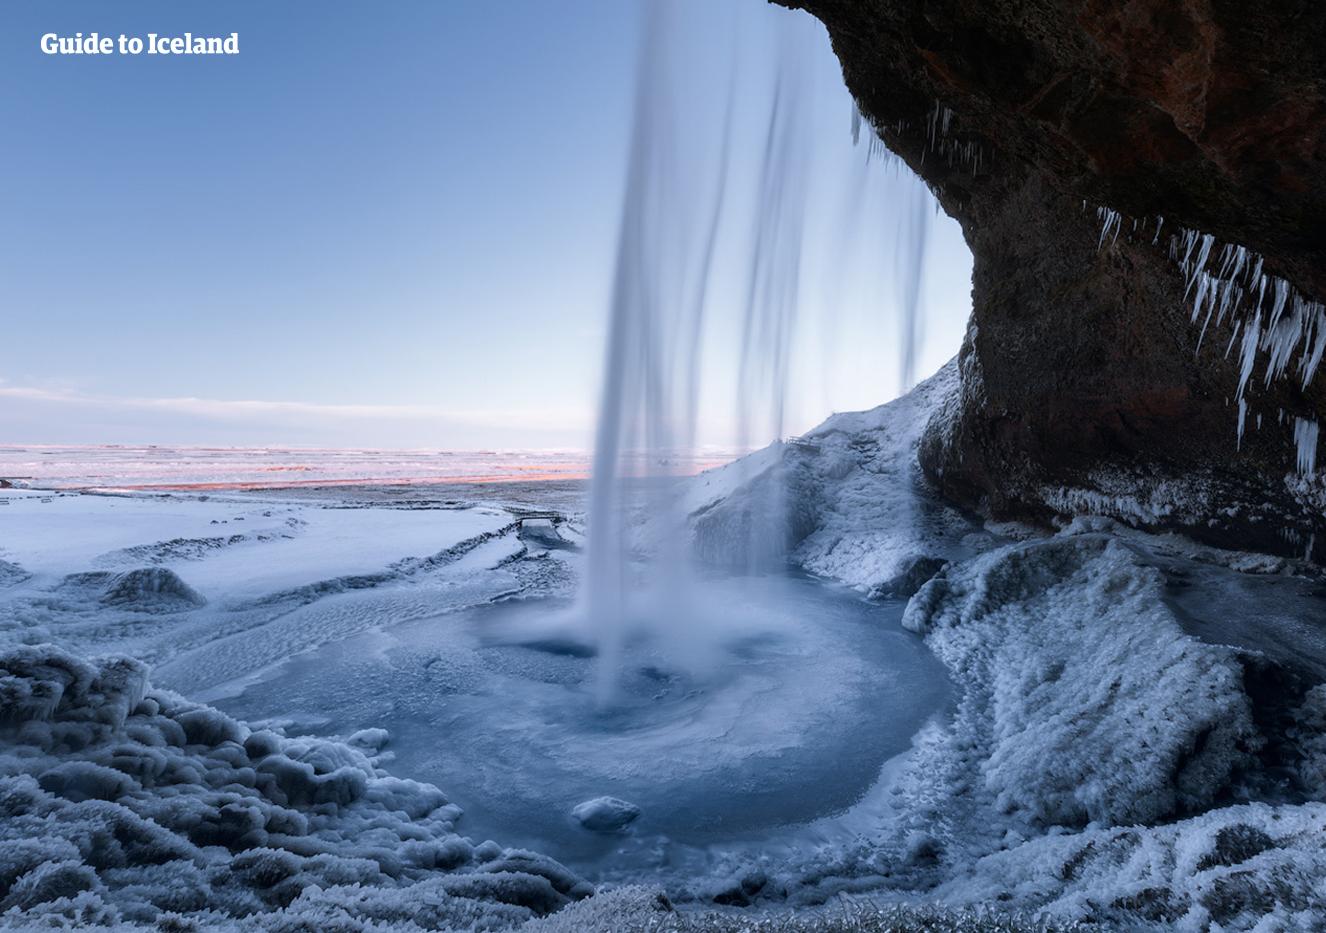 6-дневный зимний автотур | Йокульсарлон, ледниковая пещера и Бриллиантовый пляж - day 3